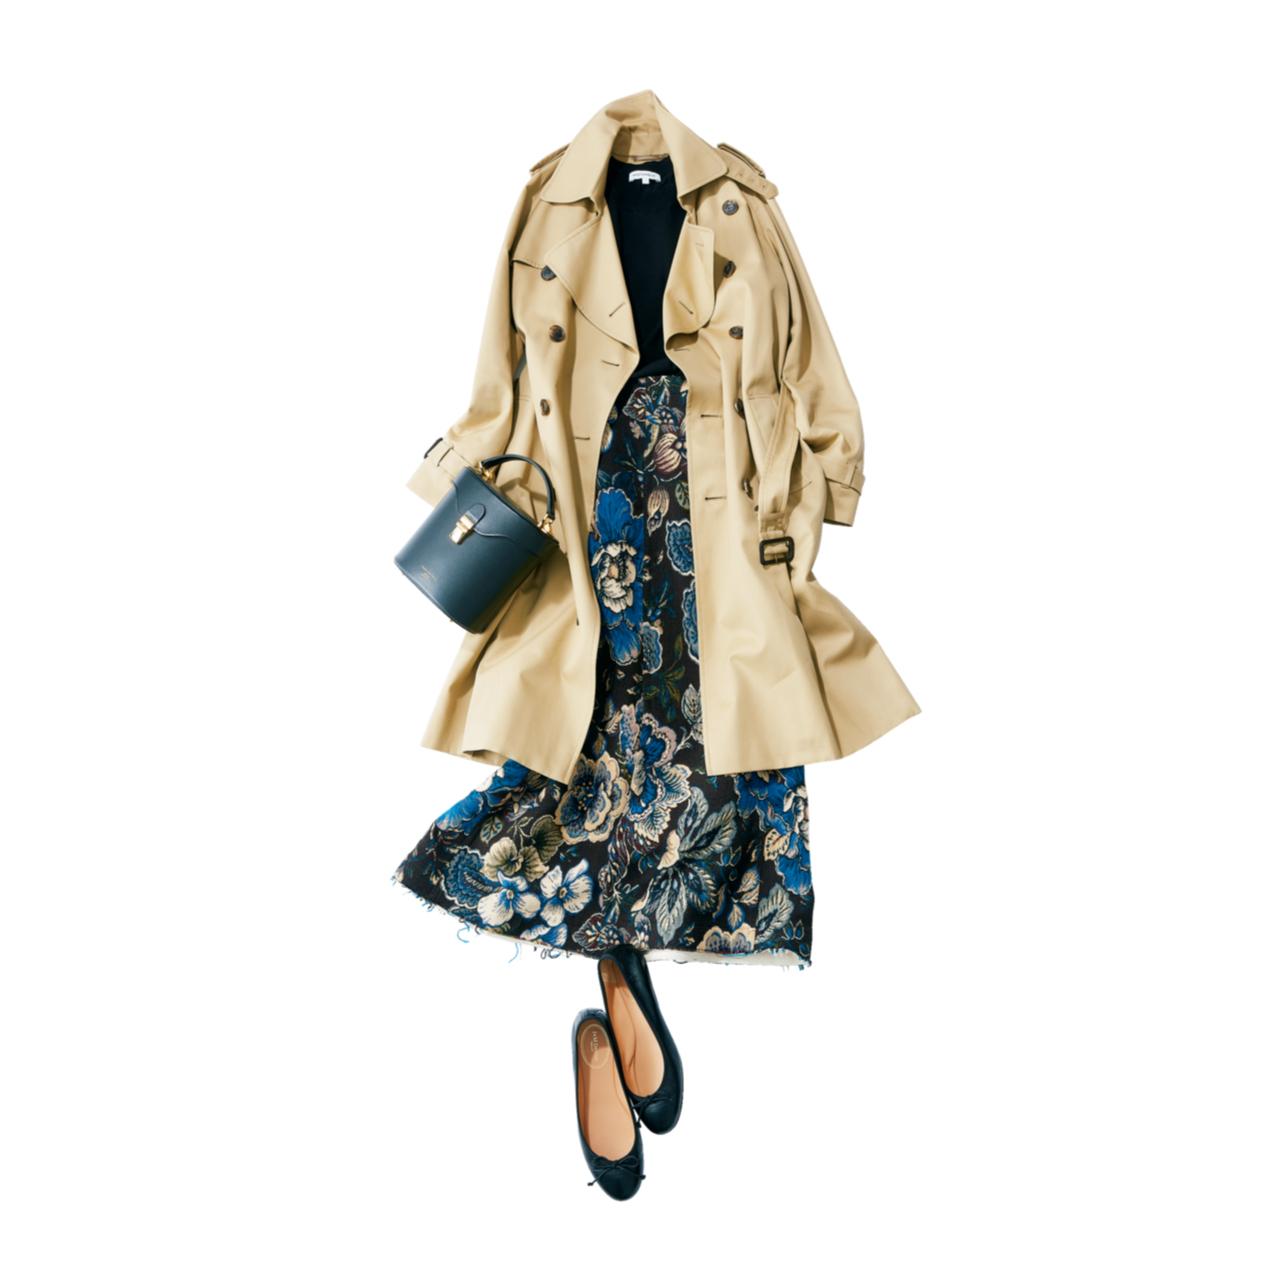 ベージュのトレンチコート×華やか柄スカートのファッションコーデ